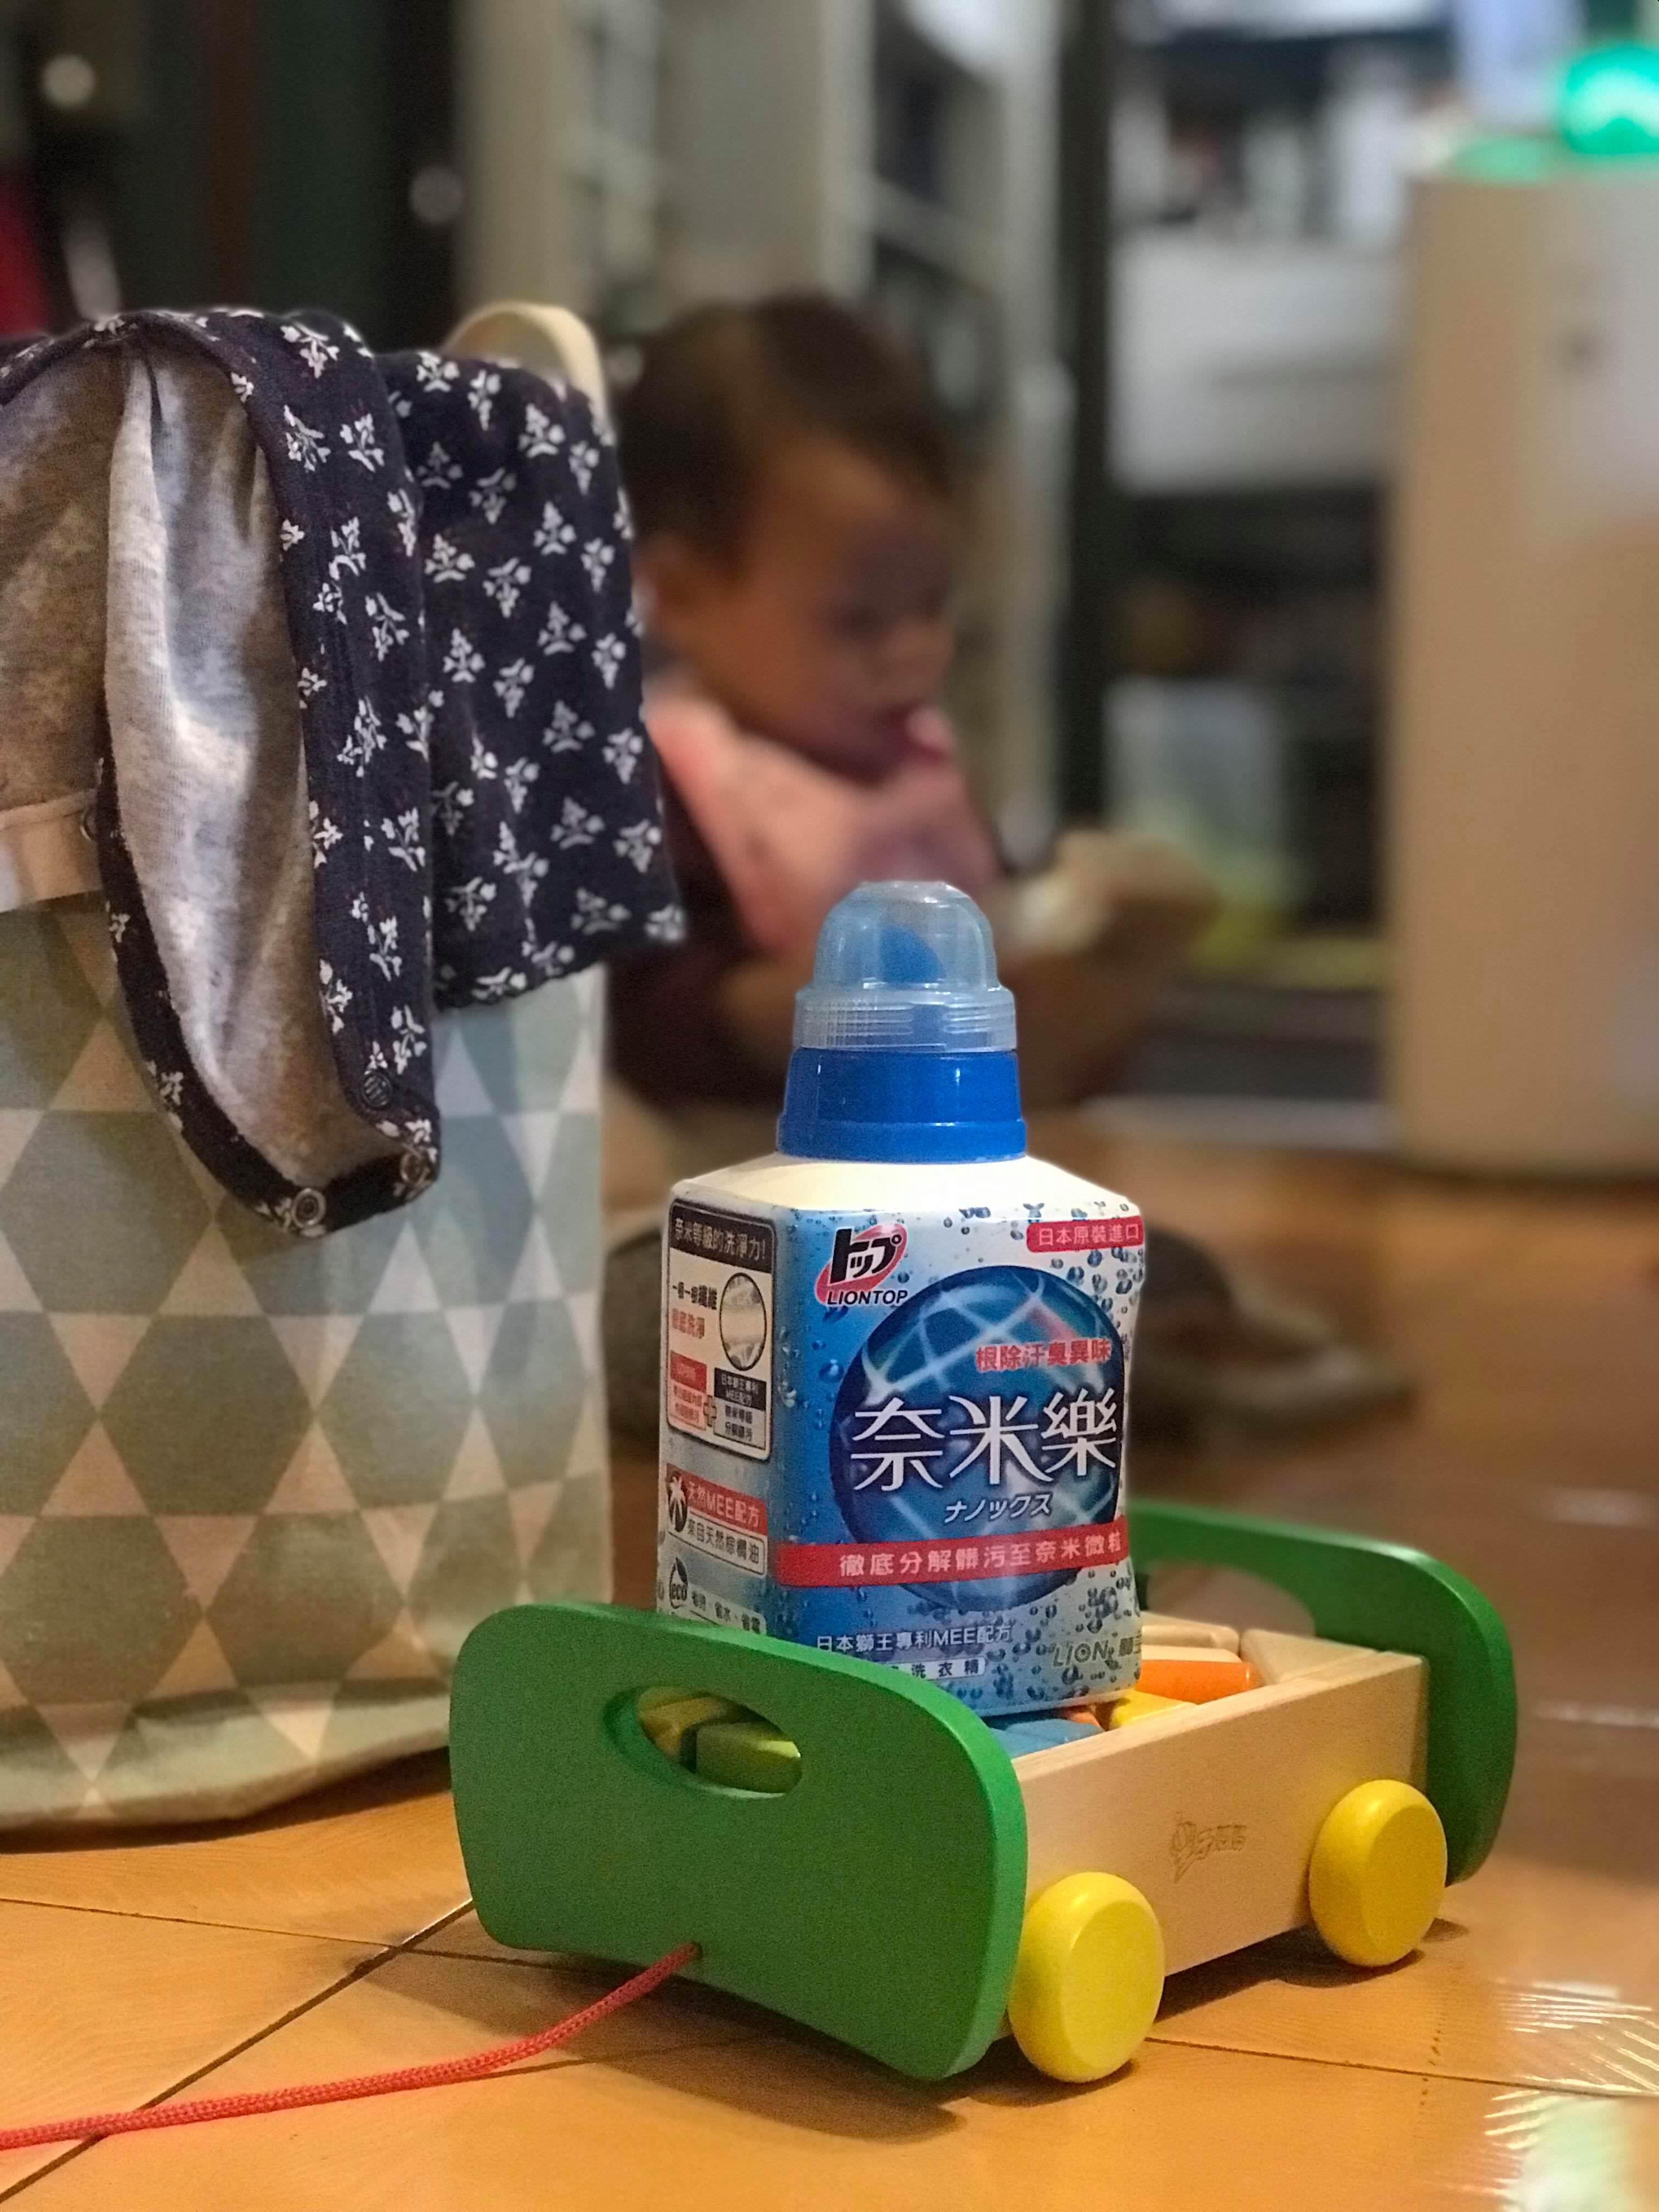 居家旅行不能缺少獅王奈米樂 寶寶最佳呵護 旅途良伴隨身帶著走 日本每兩秒賣出一瓶